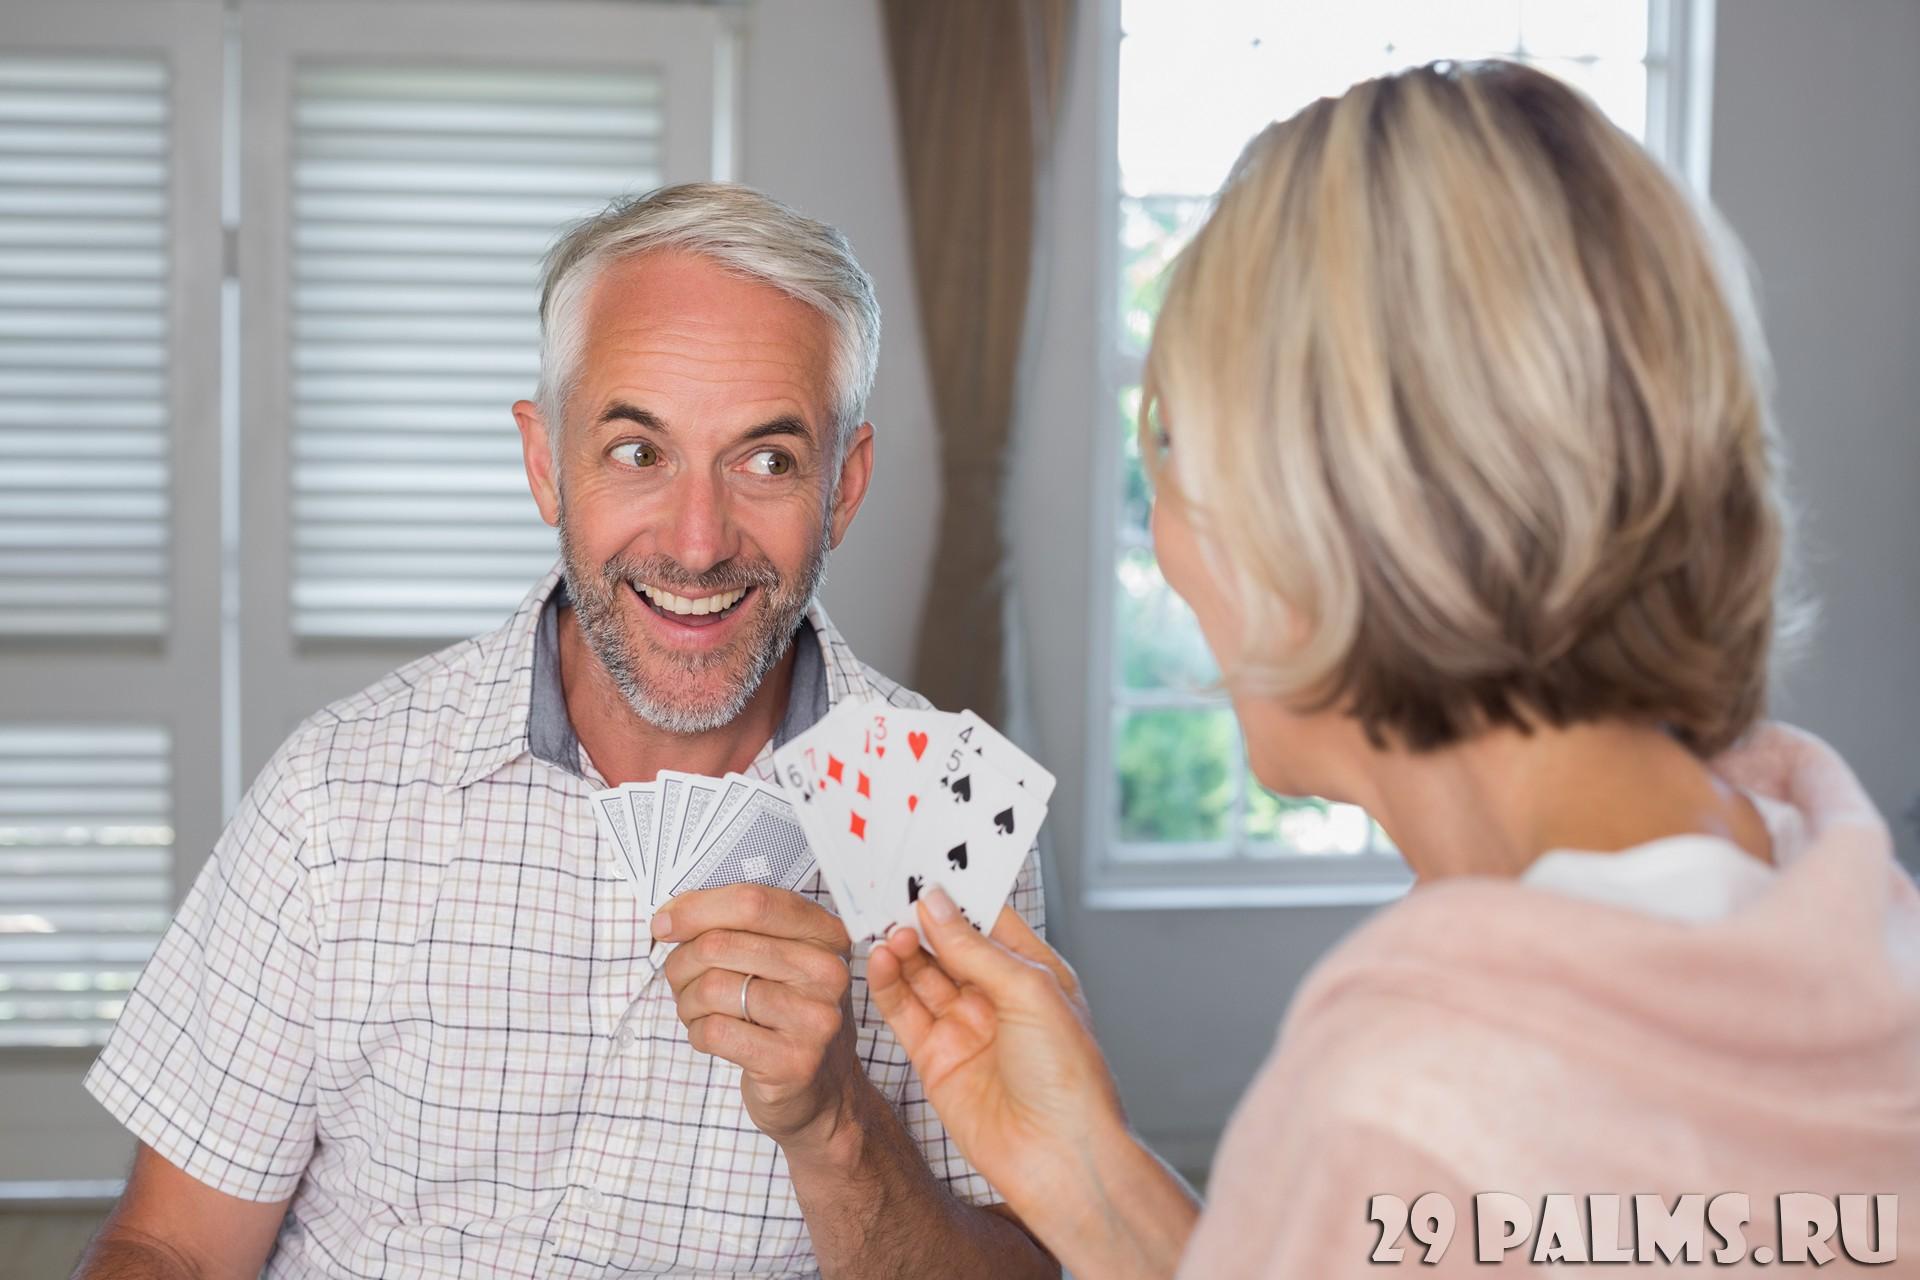 Проиграл жену в карты king 21 фотография